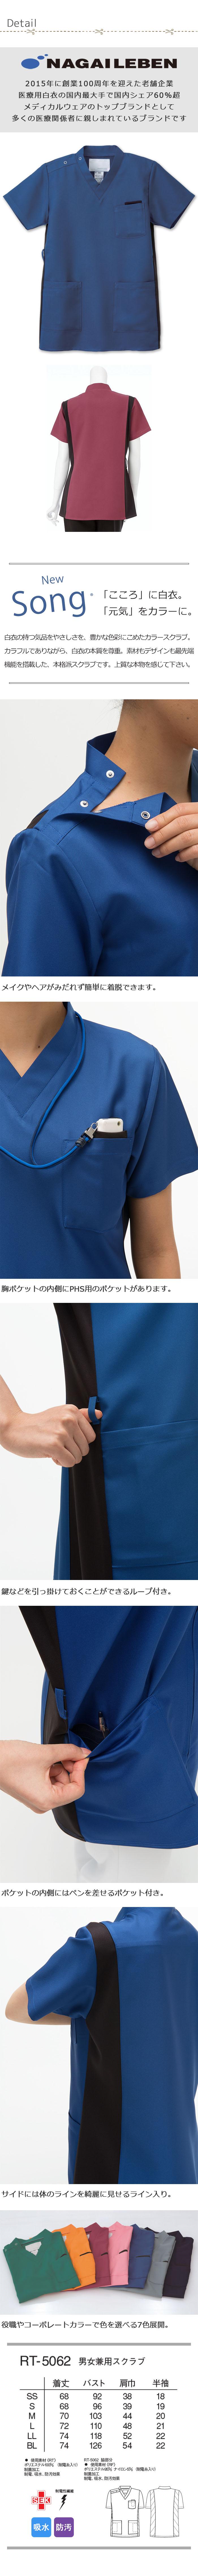 月9ドラマで採用されたナガイレーベン人気のカラースクラブ【7色】男女兼用